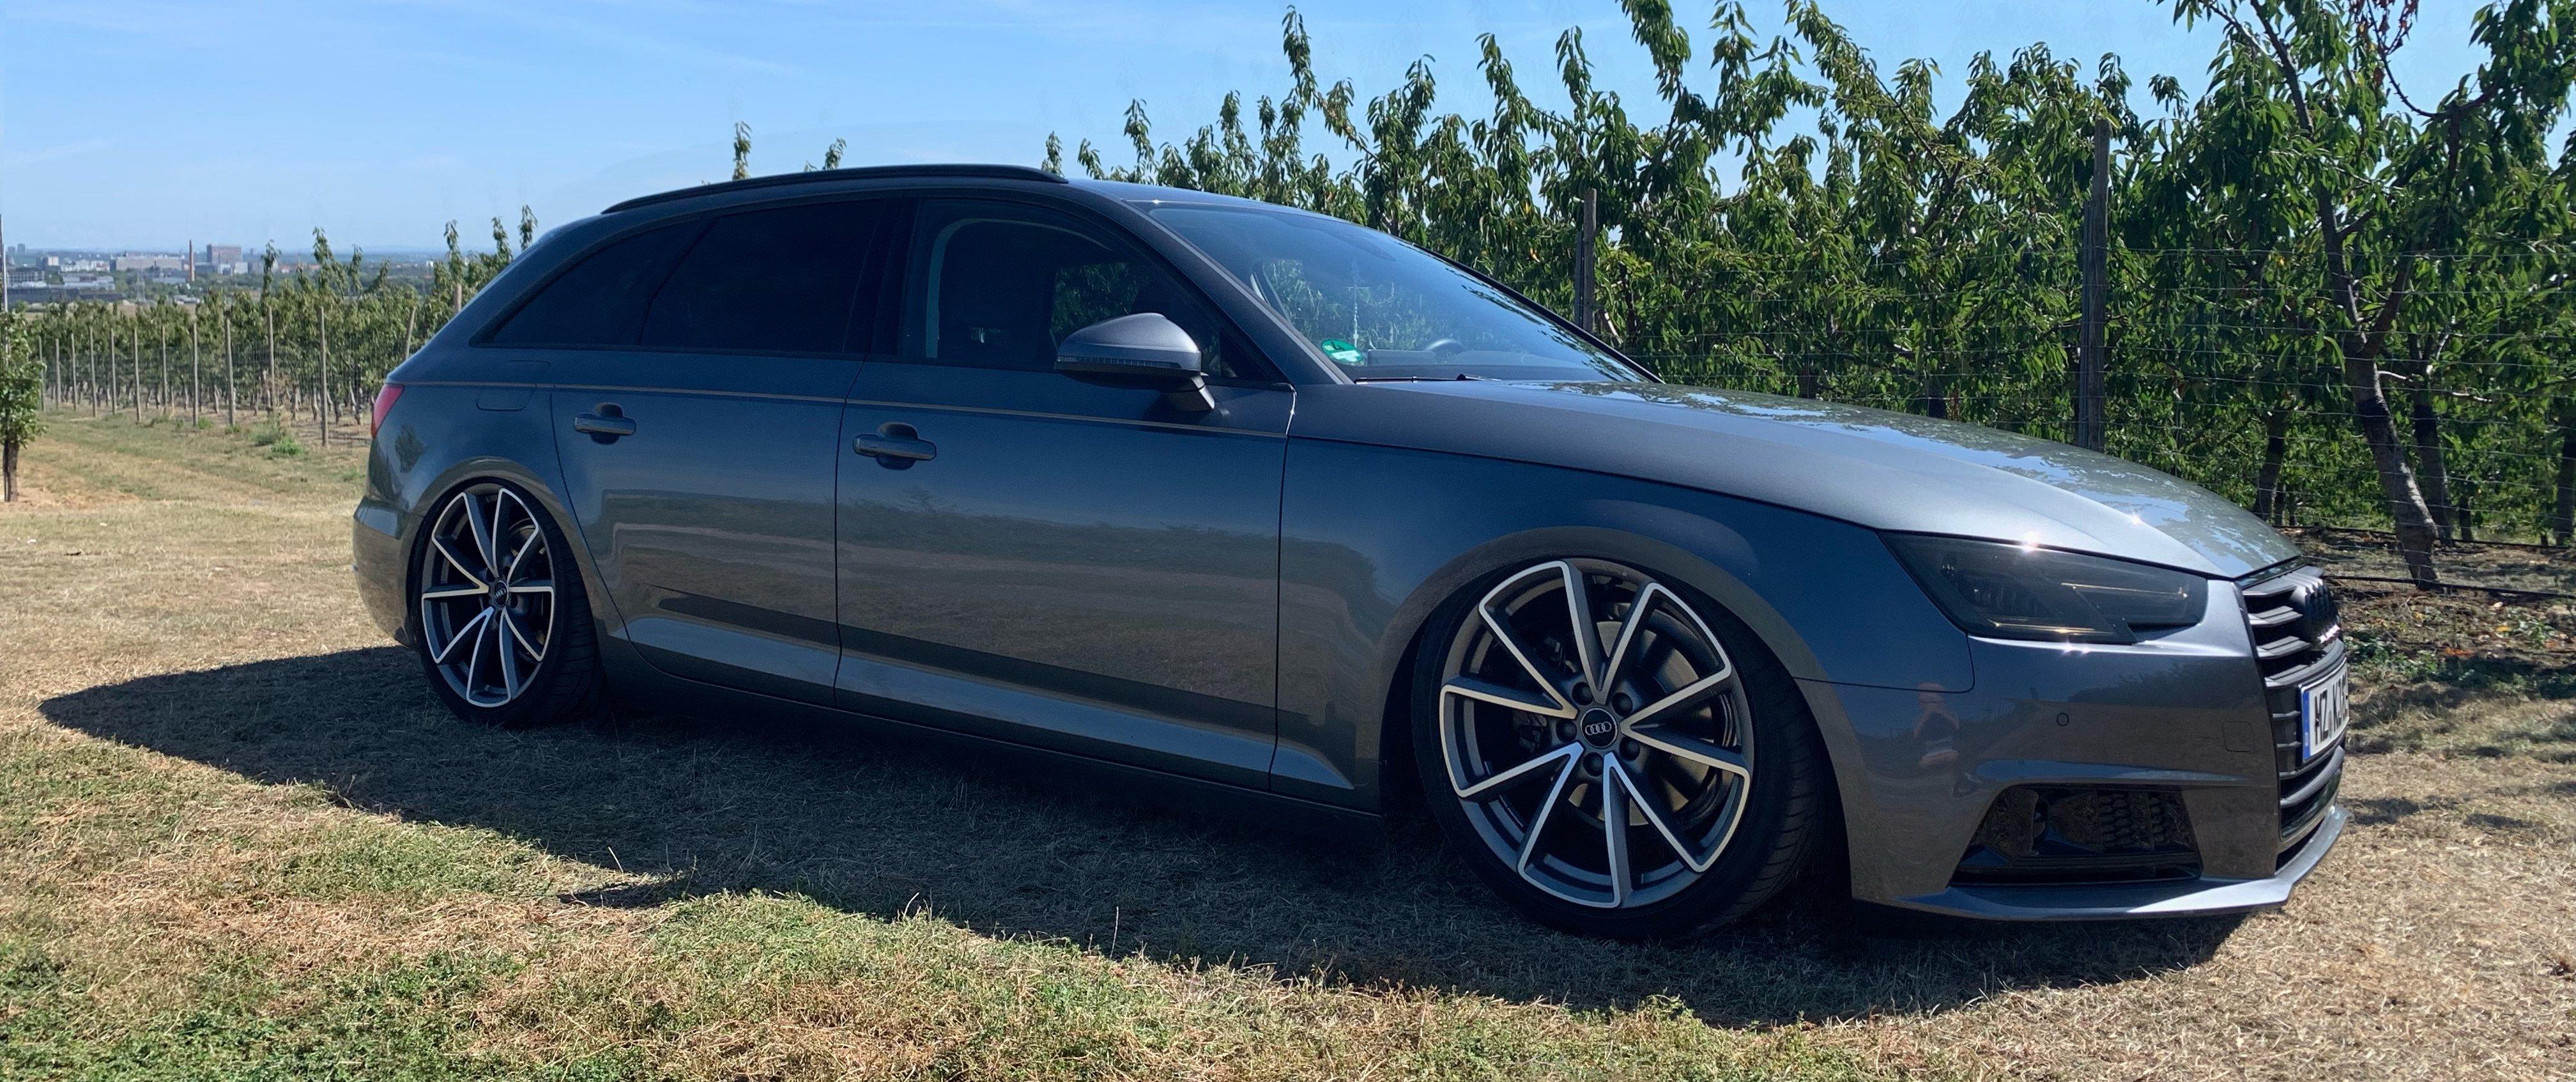 Audi – A4 – Silber – ORIGINAL AUDI – 5-V-Speichen-Design – Titan – 19 Zoll